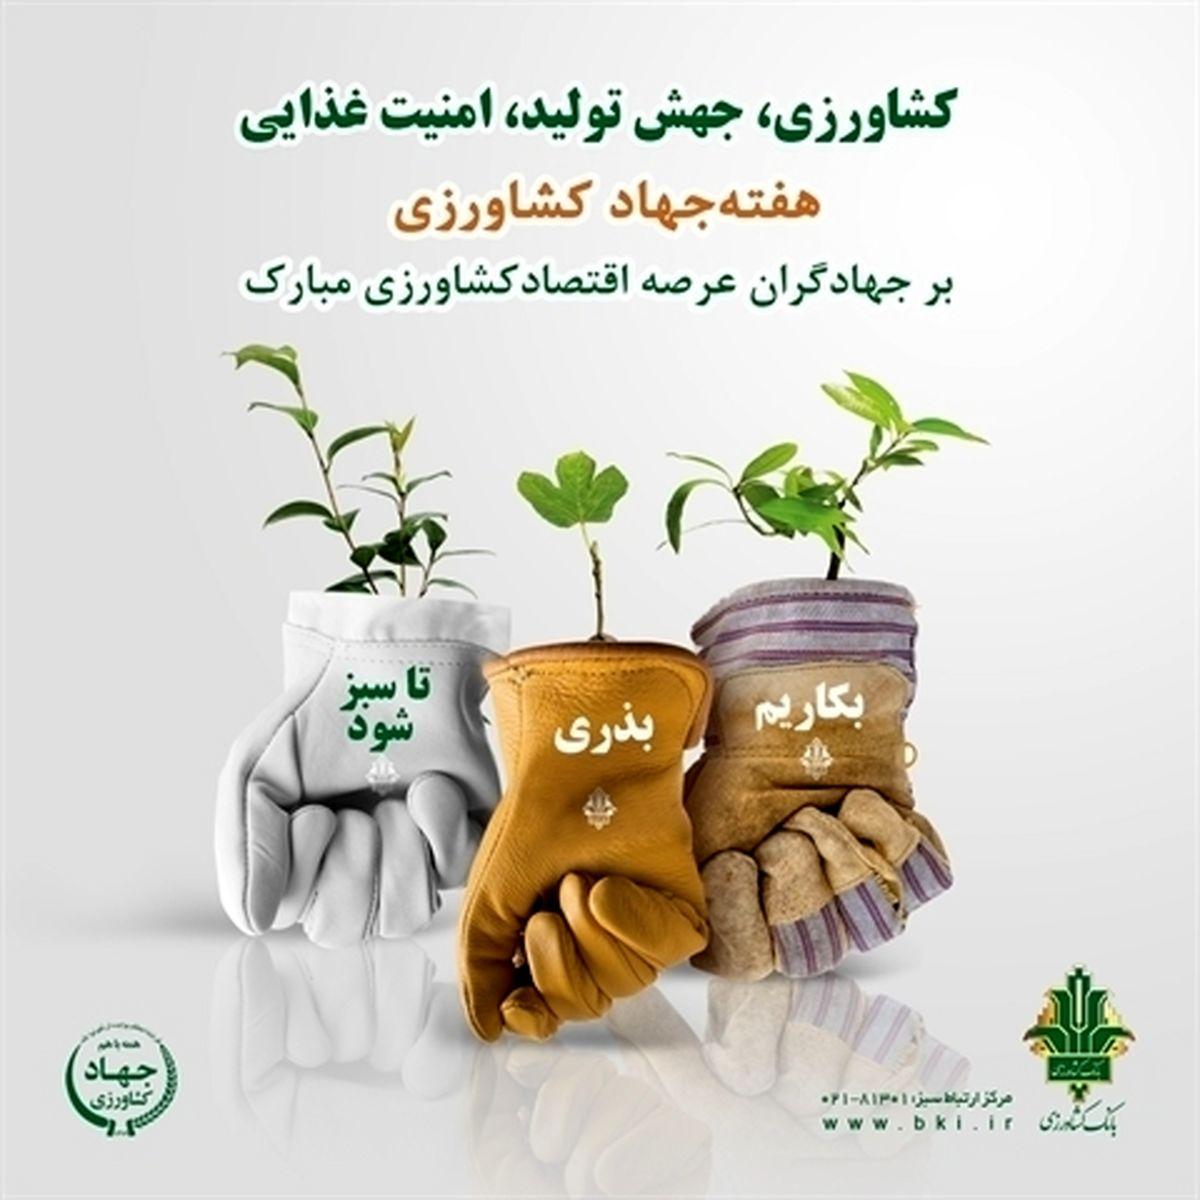 بانک کشاورزی، جذب سرمایه، توسعه کارآفرینی و اشتغال